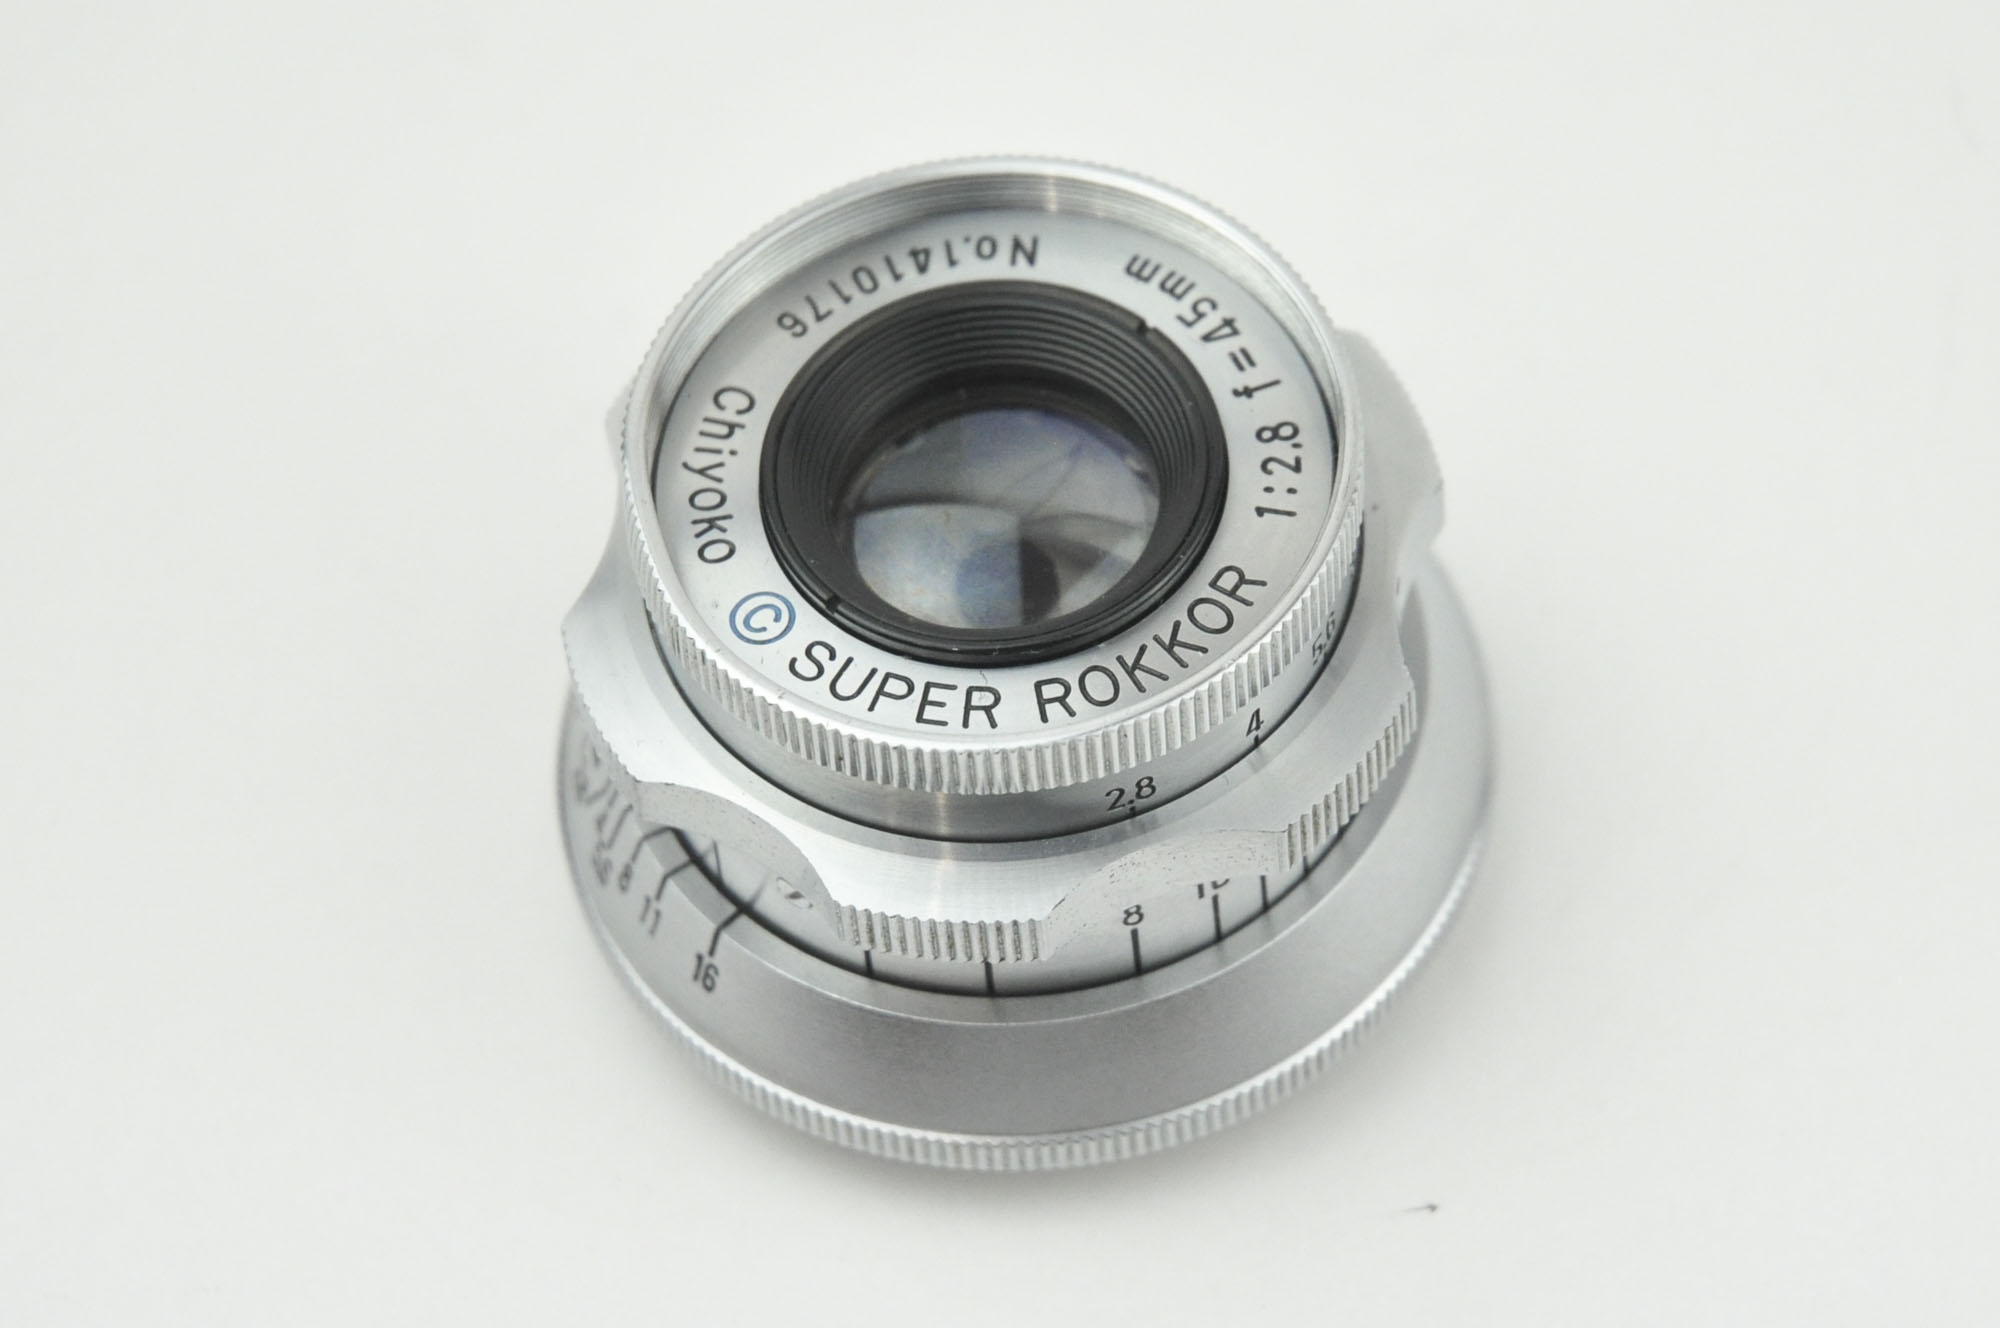 SUPER ROKKOR 45mm f1.7